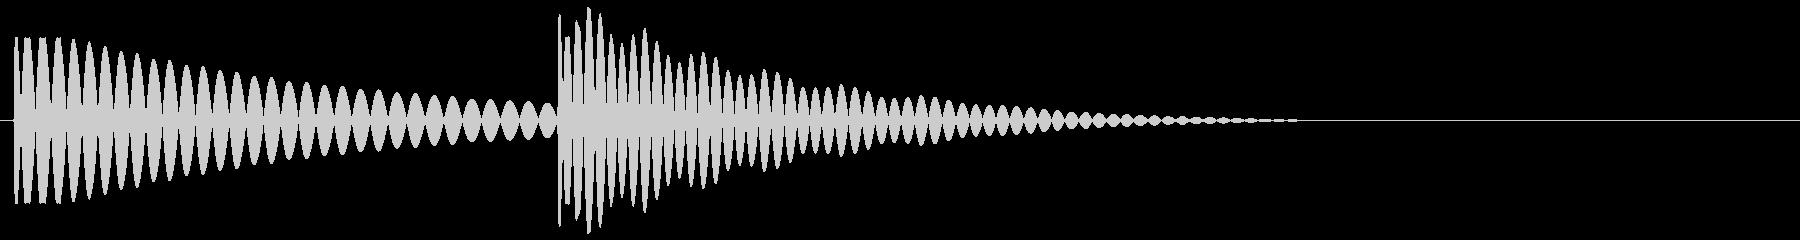 ポコン(ボタン音・プッシュ音)の未再生の波形